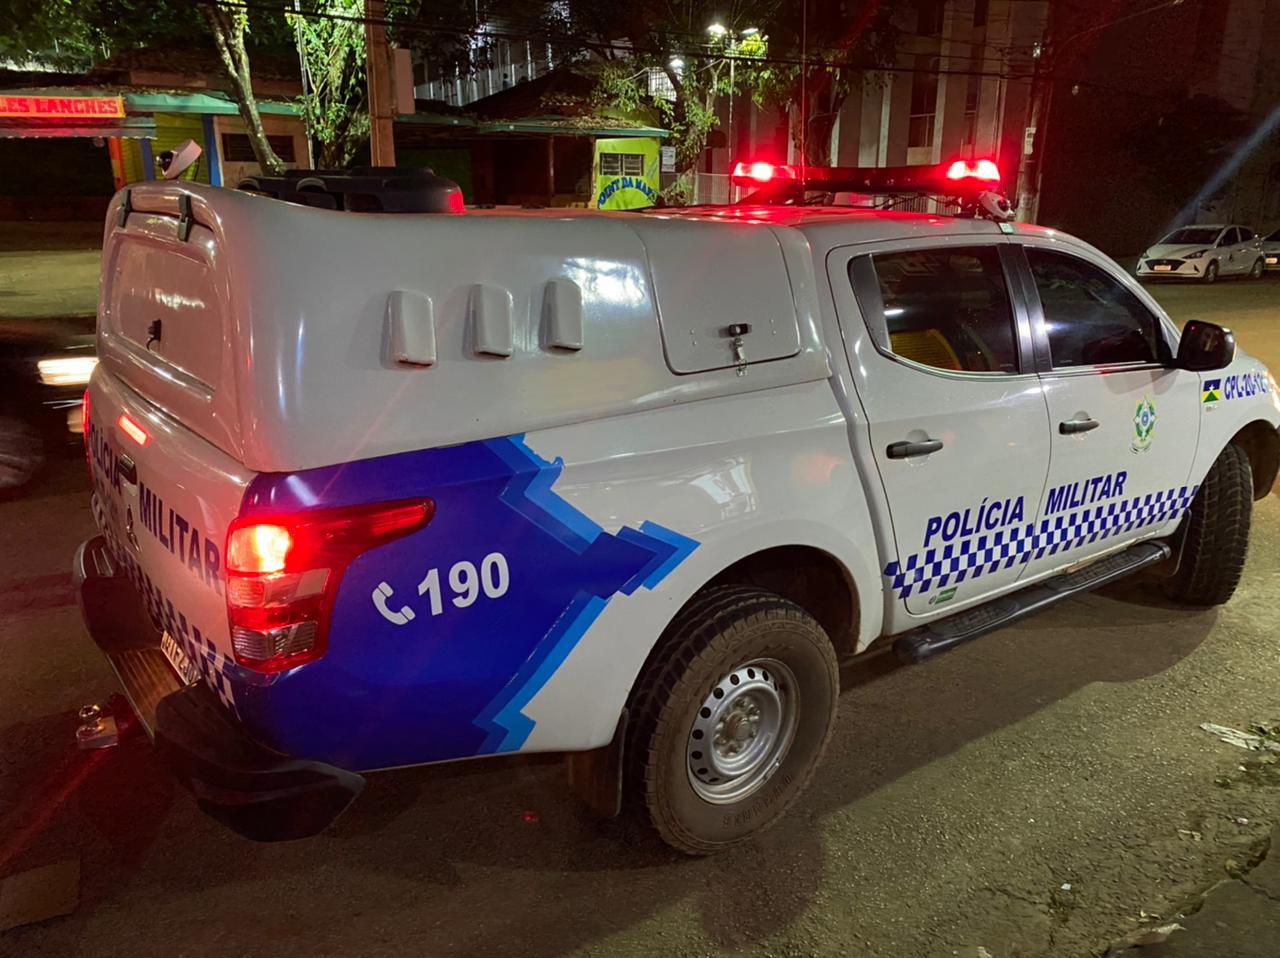 Criminosos invadem residência e fogem levando pick-up com vários objetos